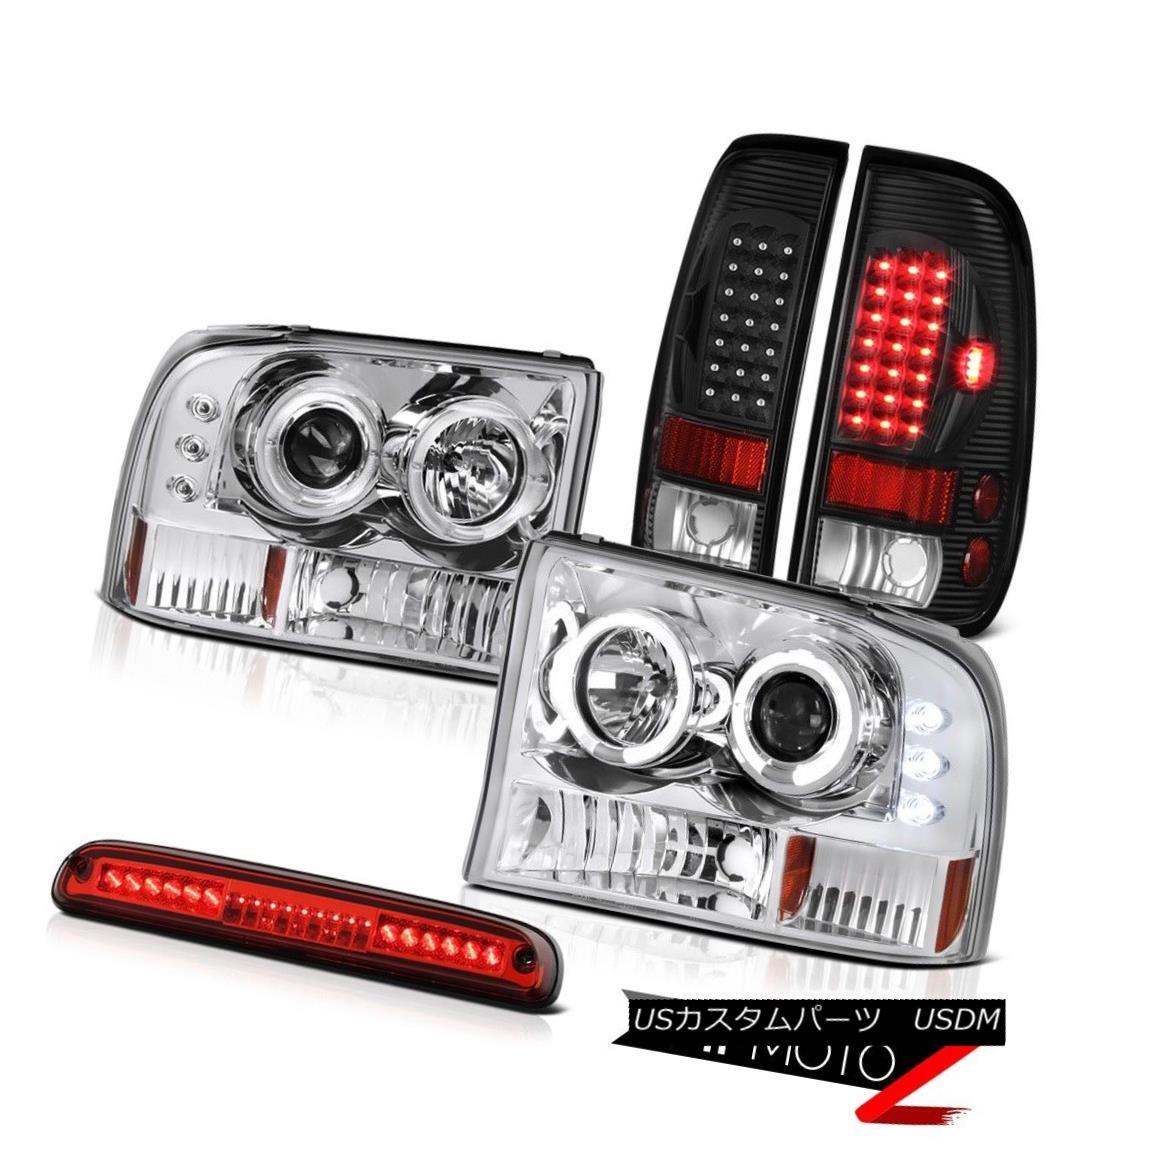 ヘッドライト 99-04 F350 Harley Projector Headlights Signal TailLight Roof Brake Cargo LED 99-04 F350ハーレープロジェクターヘッドライト信号テールライトルーフブレーキカーゴLED